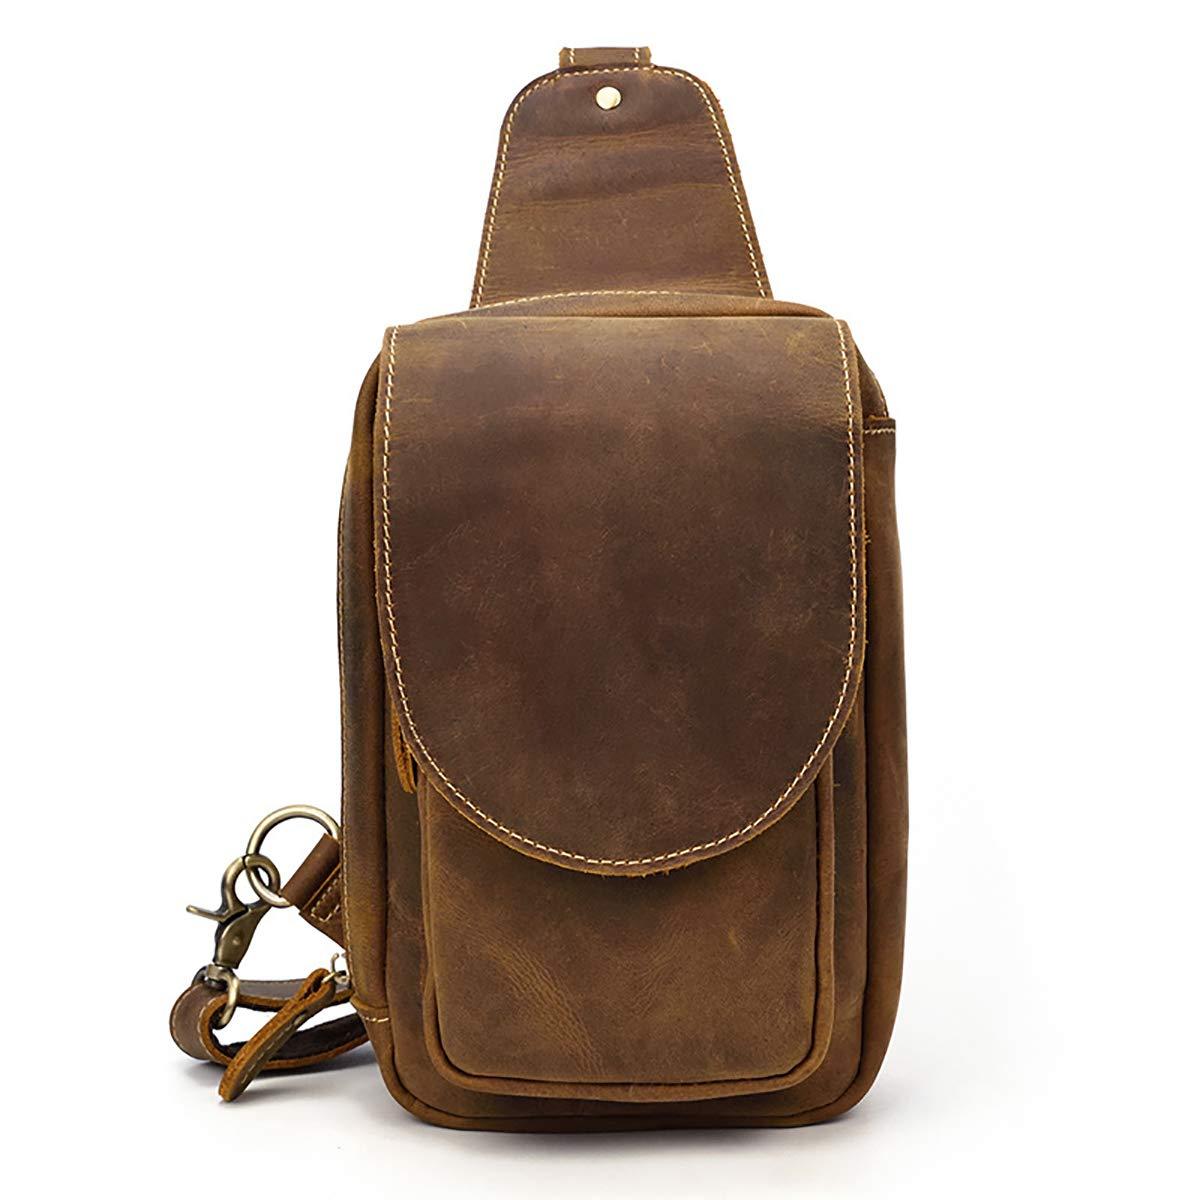 Dark Brown Bolso de la honda del pecho del bolso de la honda del bolso de la honda de Crossbody del bolso de la honda del bolso de la honda del bolso de la honda del cuero genuino de los hombres